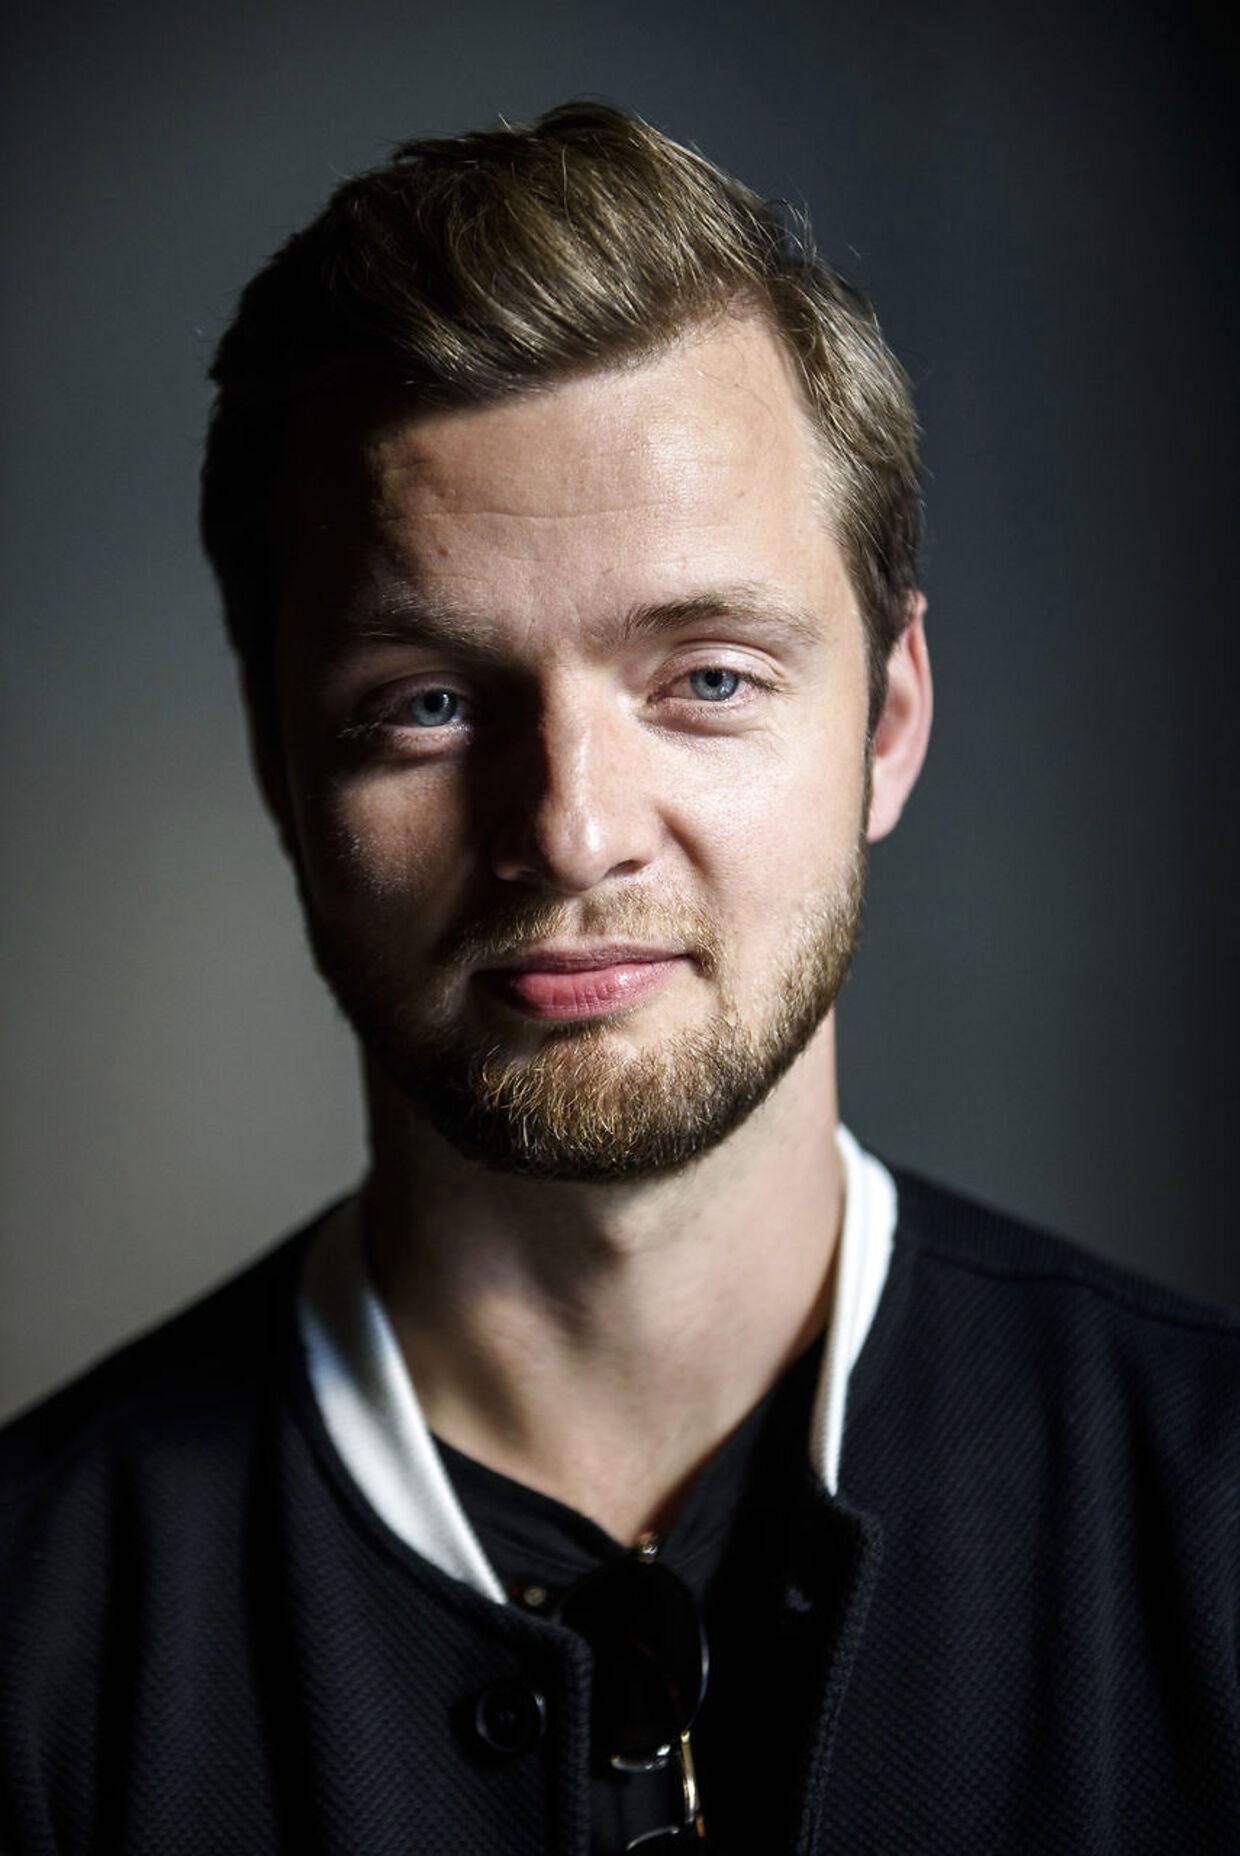 Lakridskongen Johan Bülow drømmer om at skabe et af de største danske brands i verden.